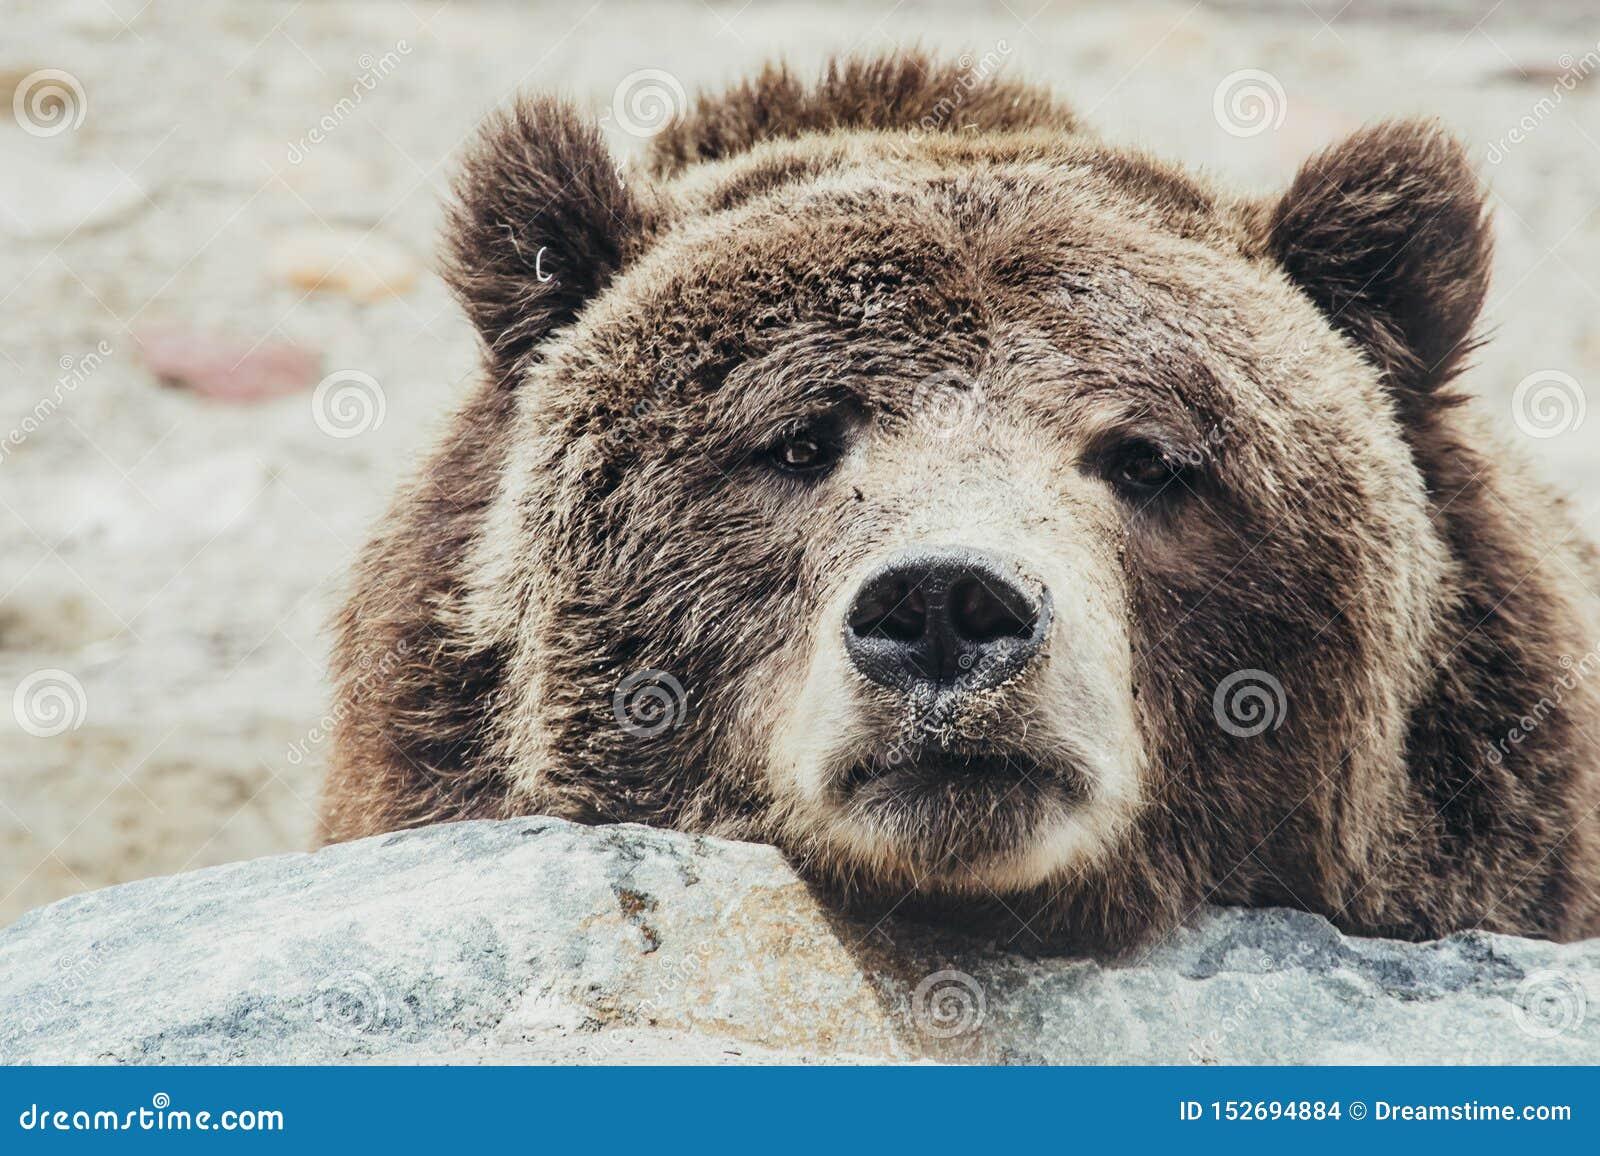 Gderliwy niedźwiedź brunatny